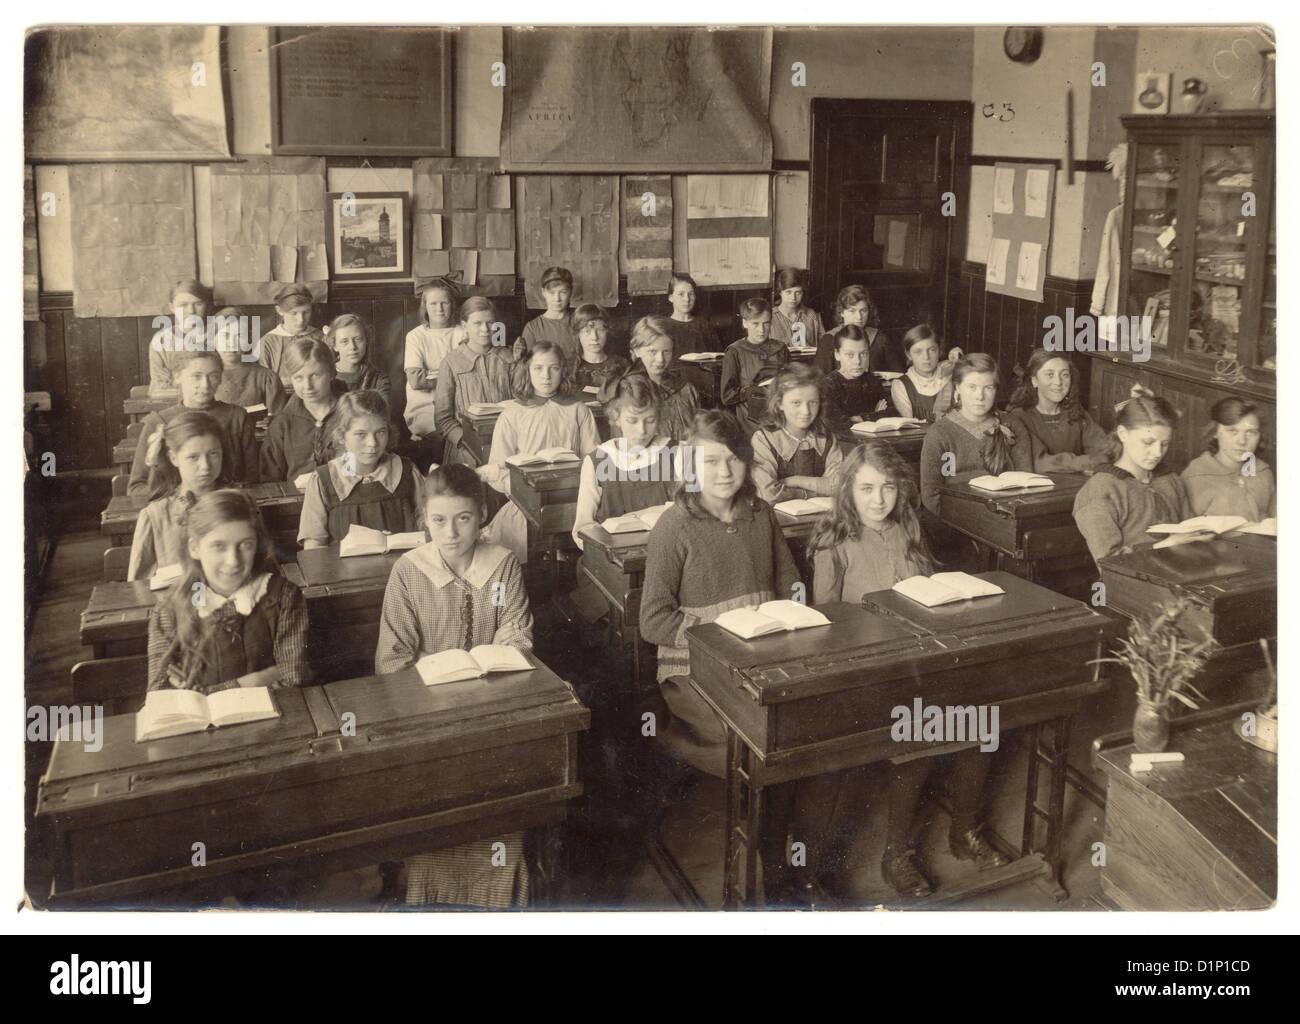 Scuola di fotografia junior ragazze seduti alla scrivania con libri aperti in aula avendo una lezione - 1930, U.K. Immagini Stock